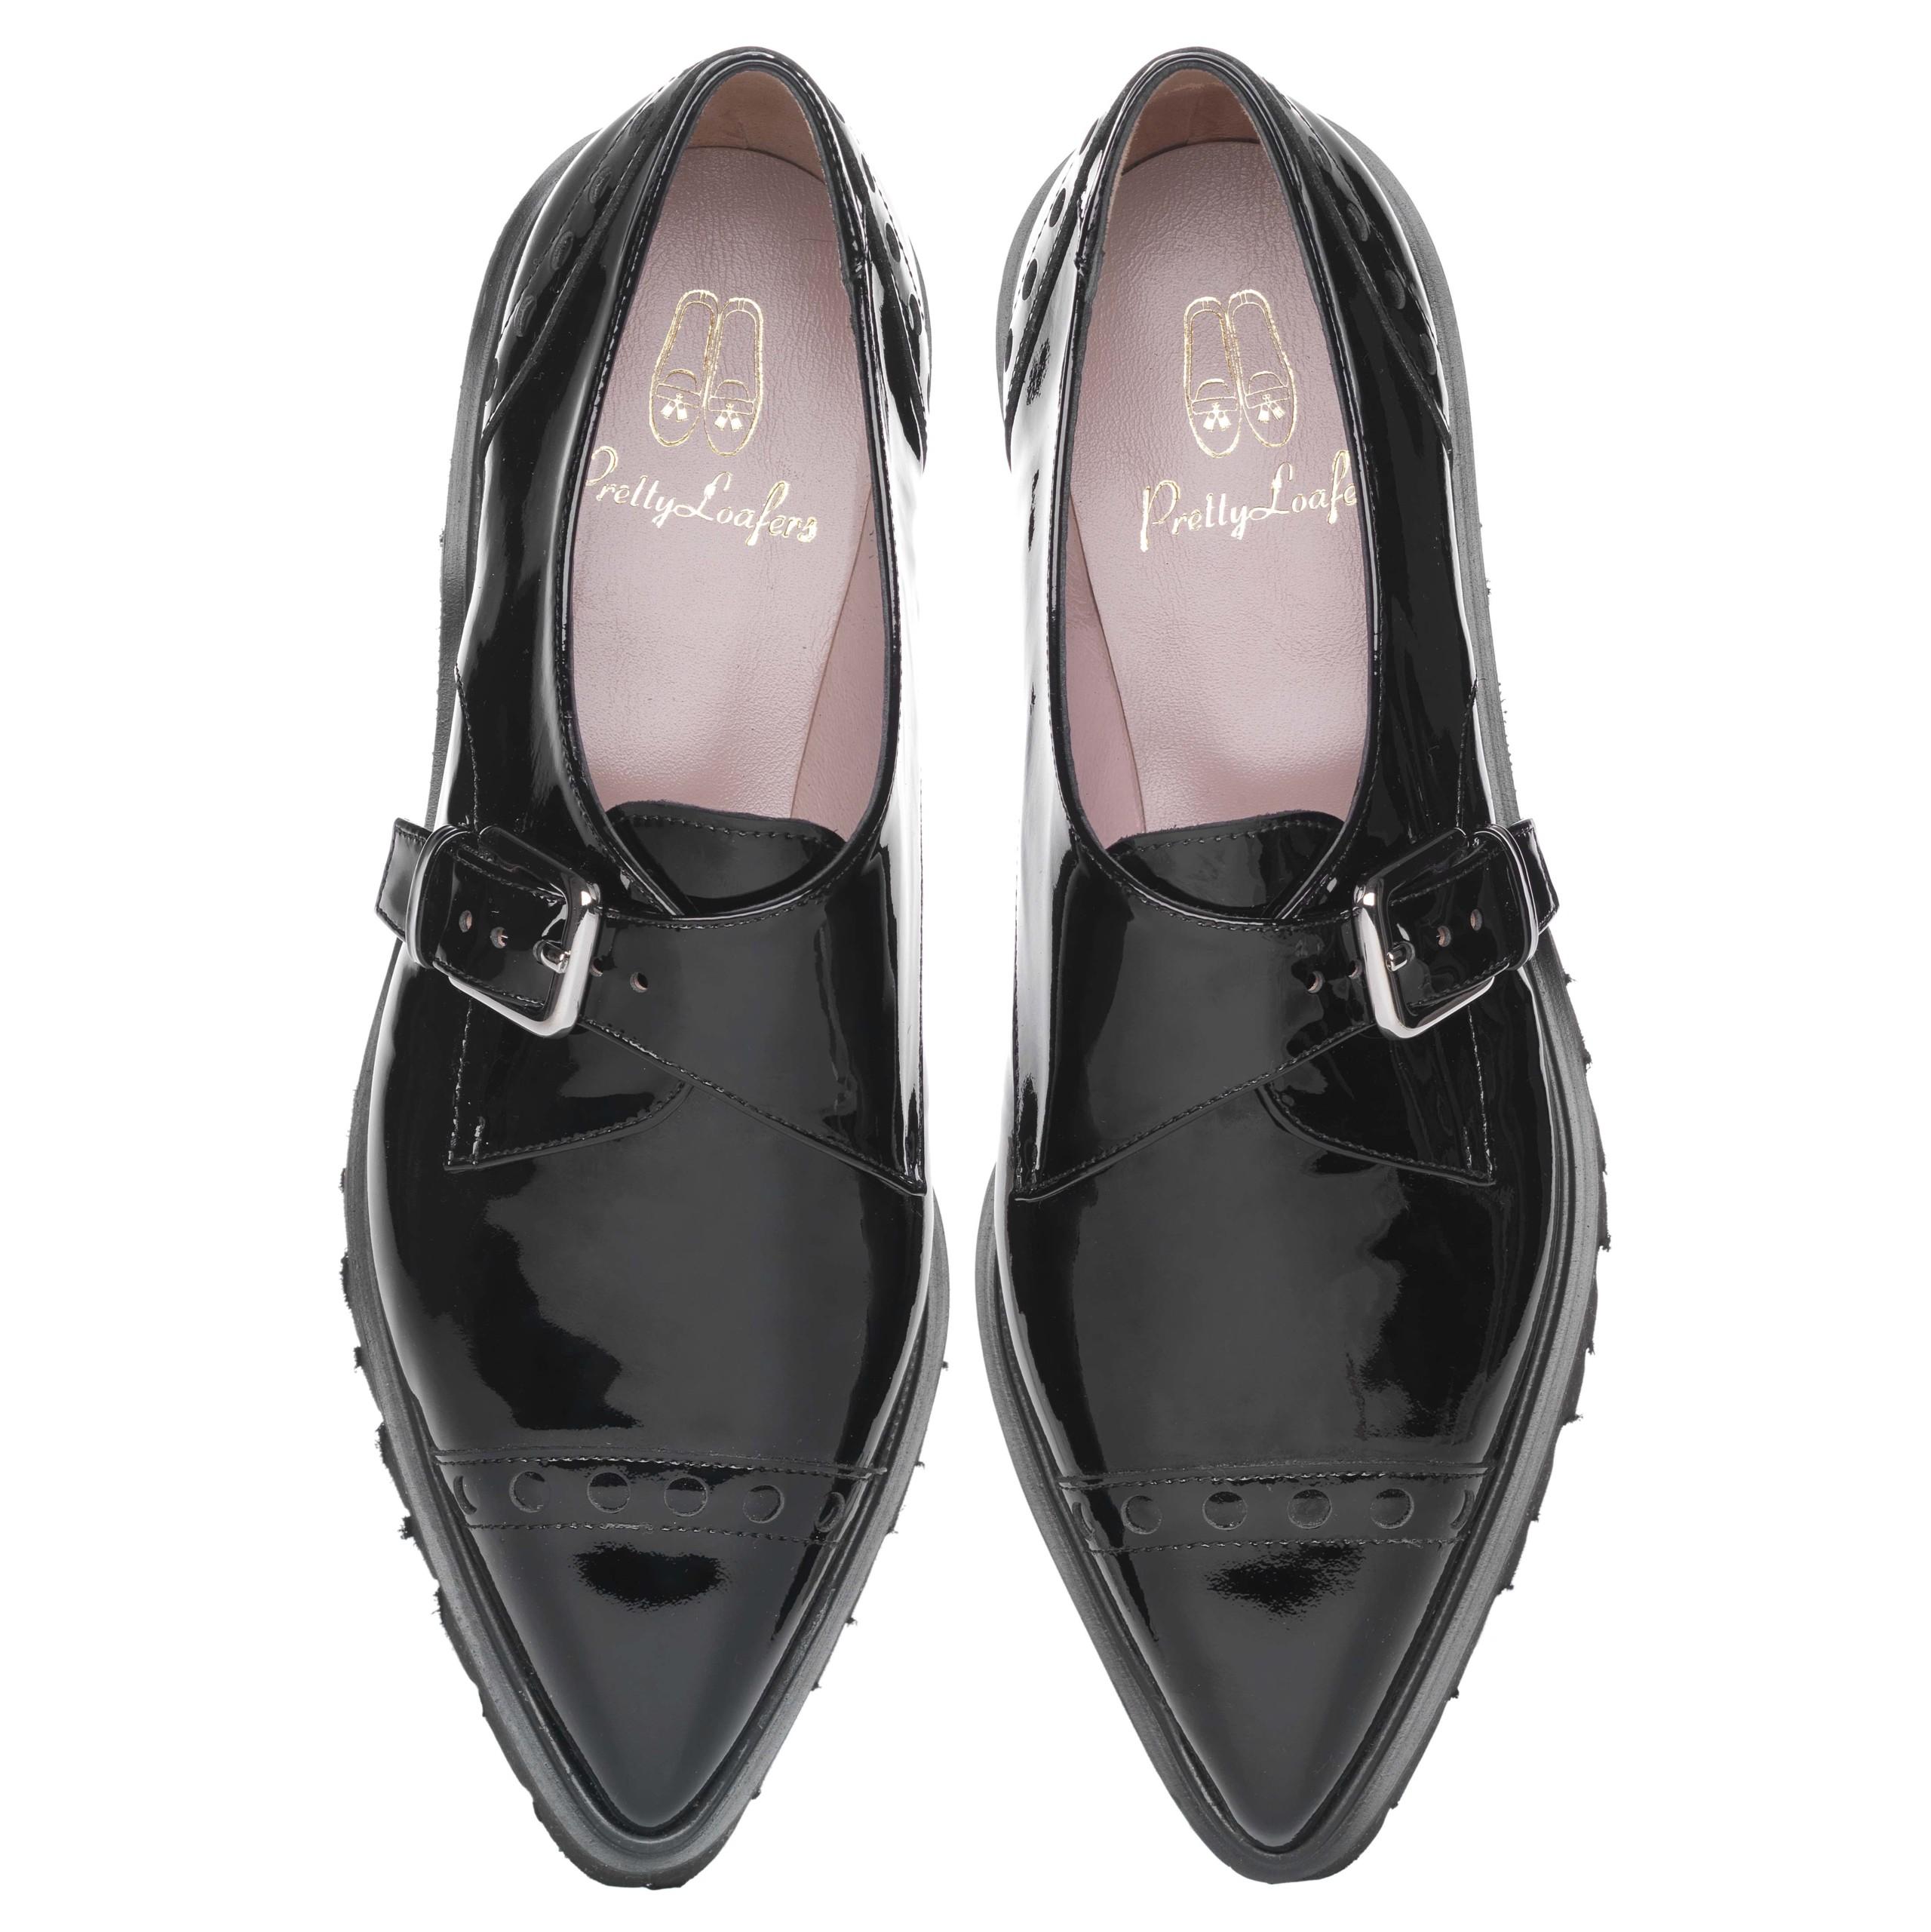 Foto de Pretty Loafers, las slippers necesarias para las incondicionales del calzado plano (17/20)